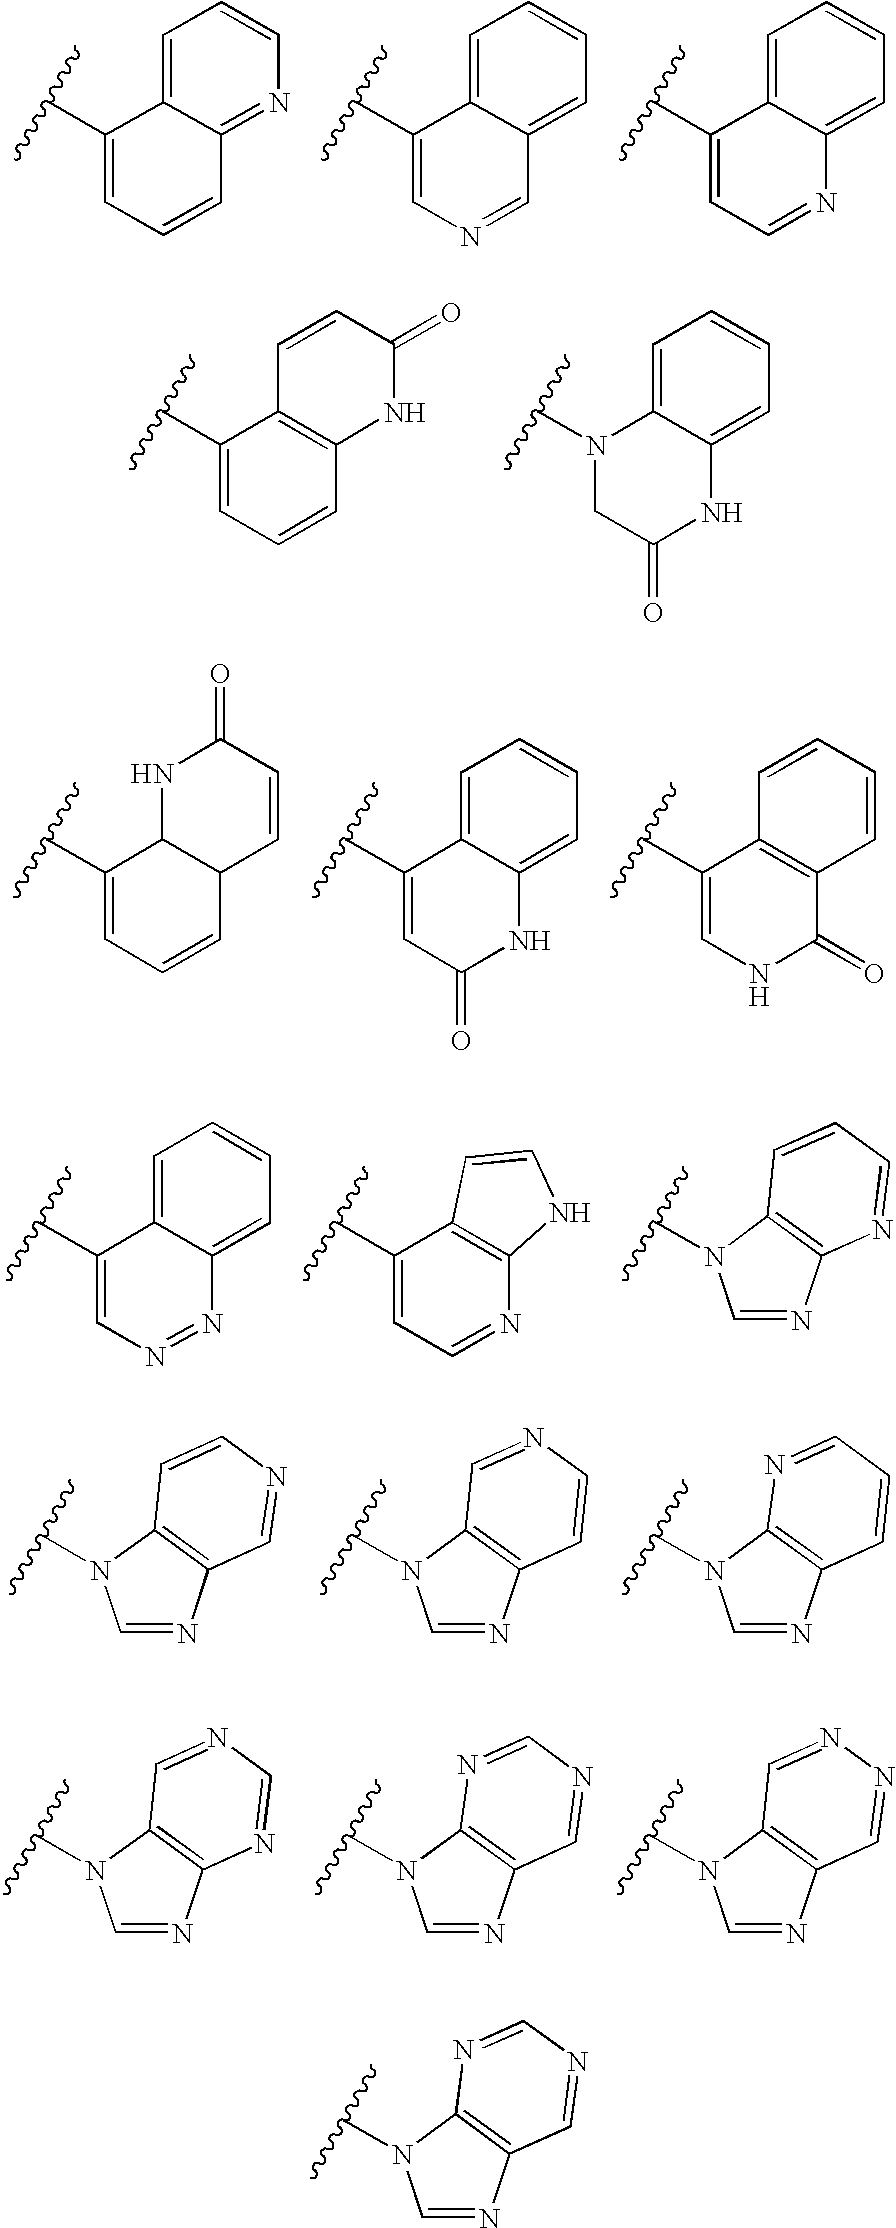 Figure US08173650-20120508-C00003